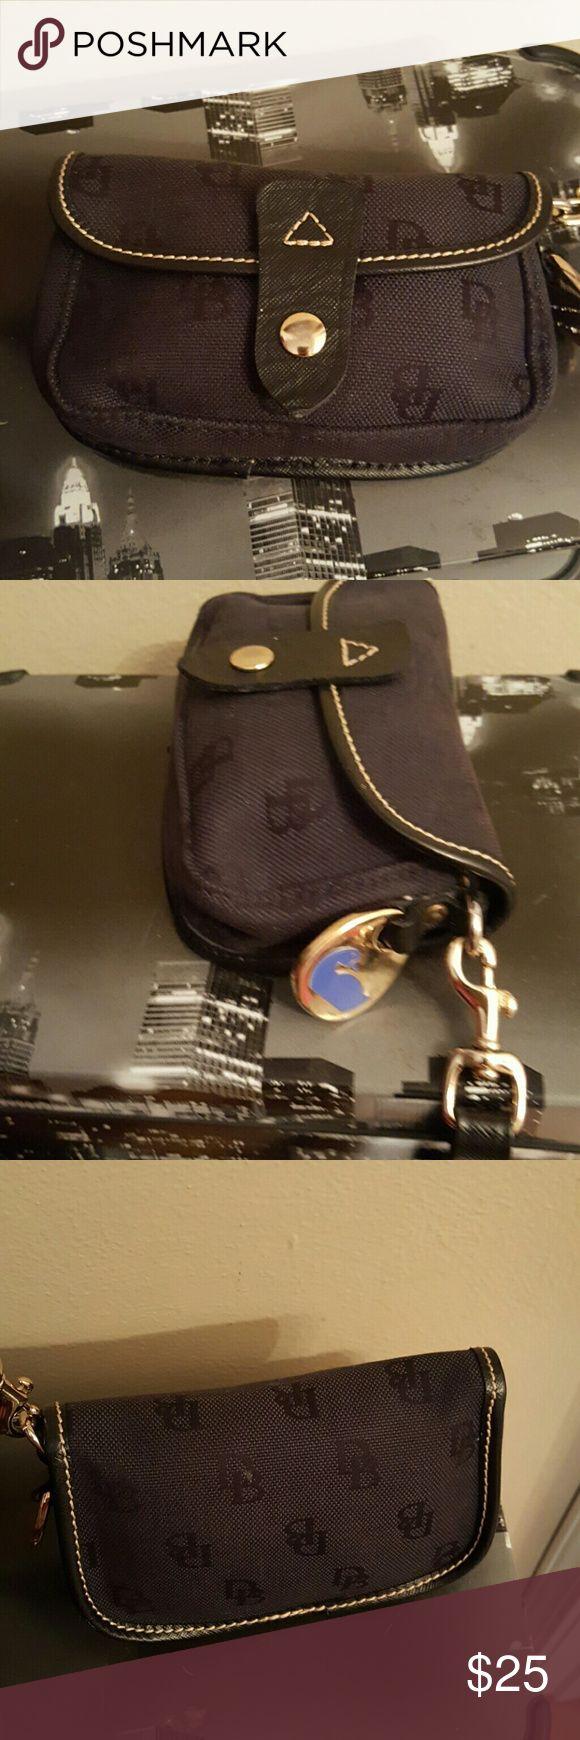 Dooney & Bourke wristlet Black Dooney & Bourke wristlet Dooney & Bourke Bags Clutches & Wristlets